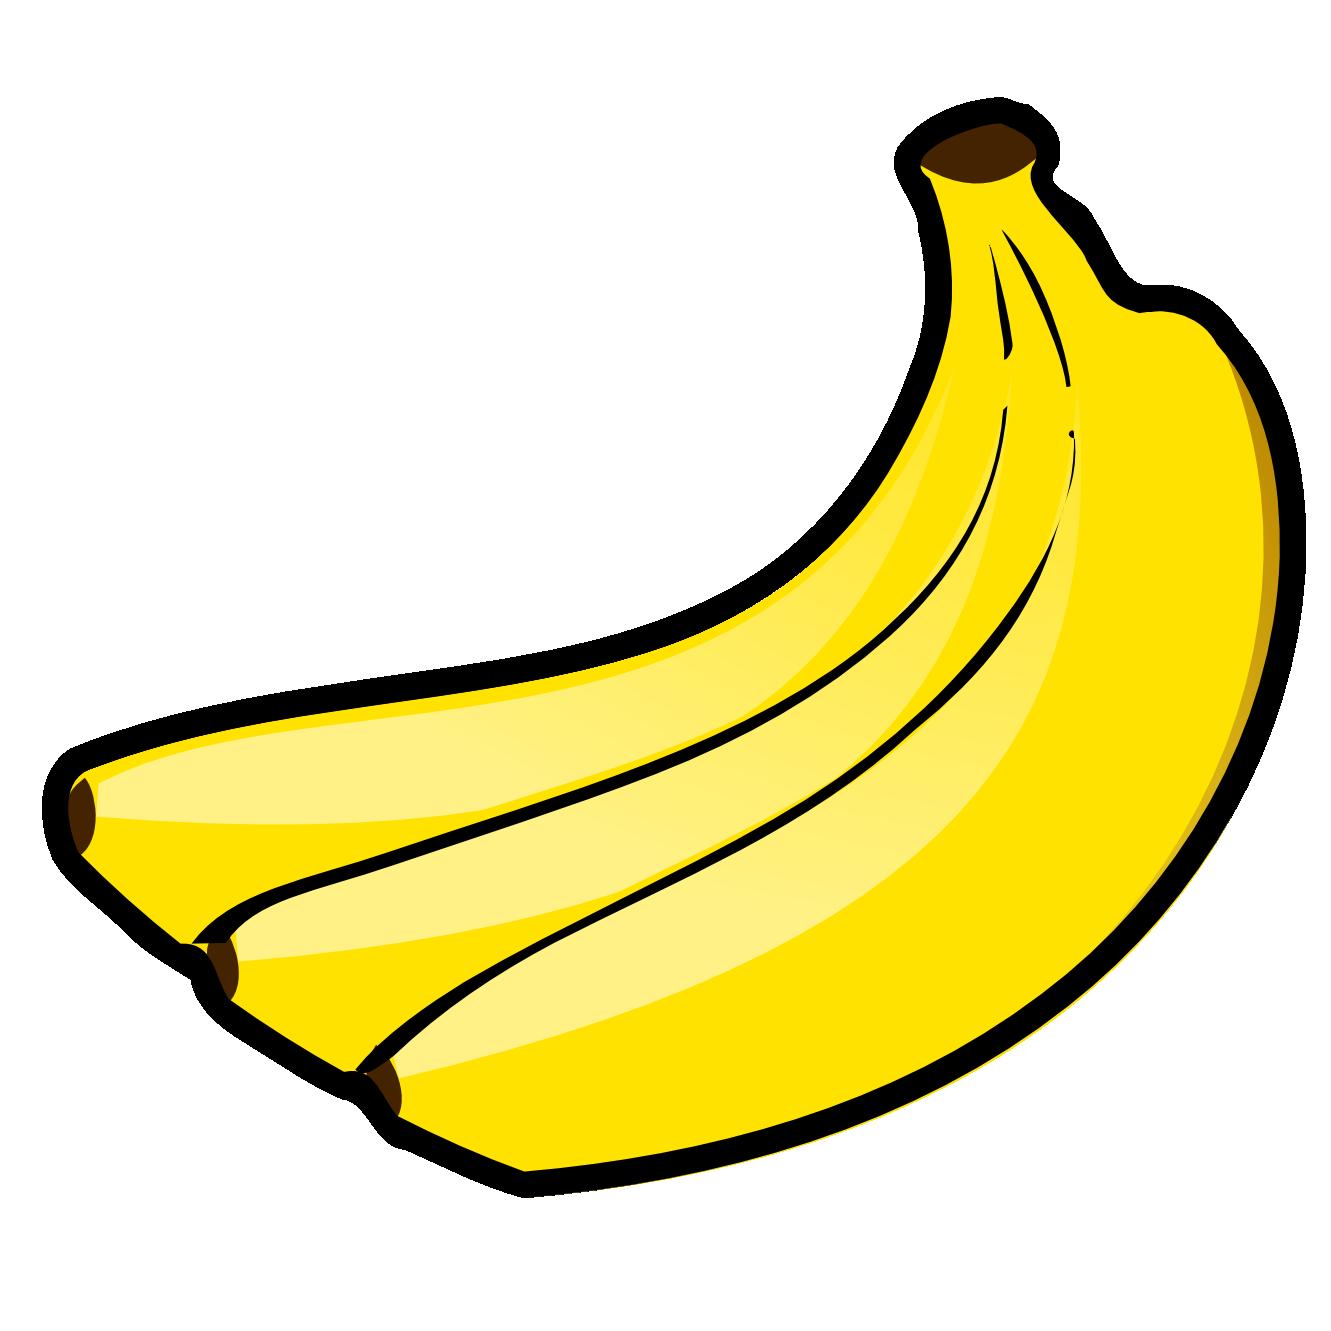 nicubunu banana PNG 64(K) | Clipart Panda - Free Clipart Images